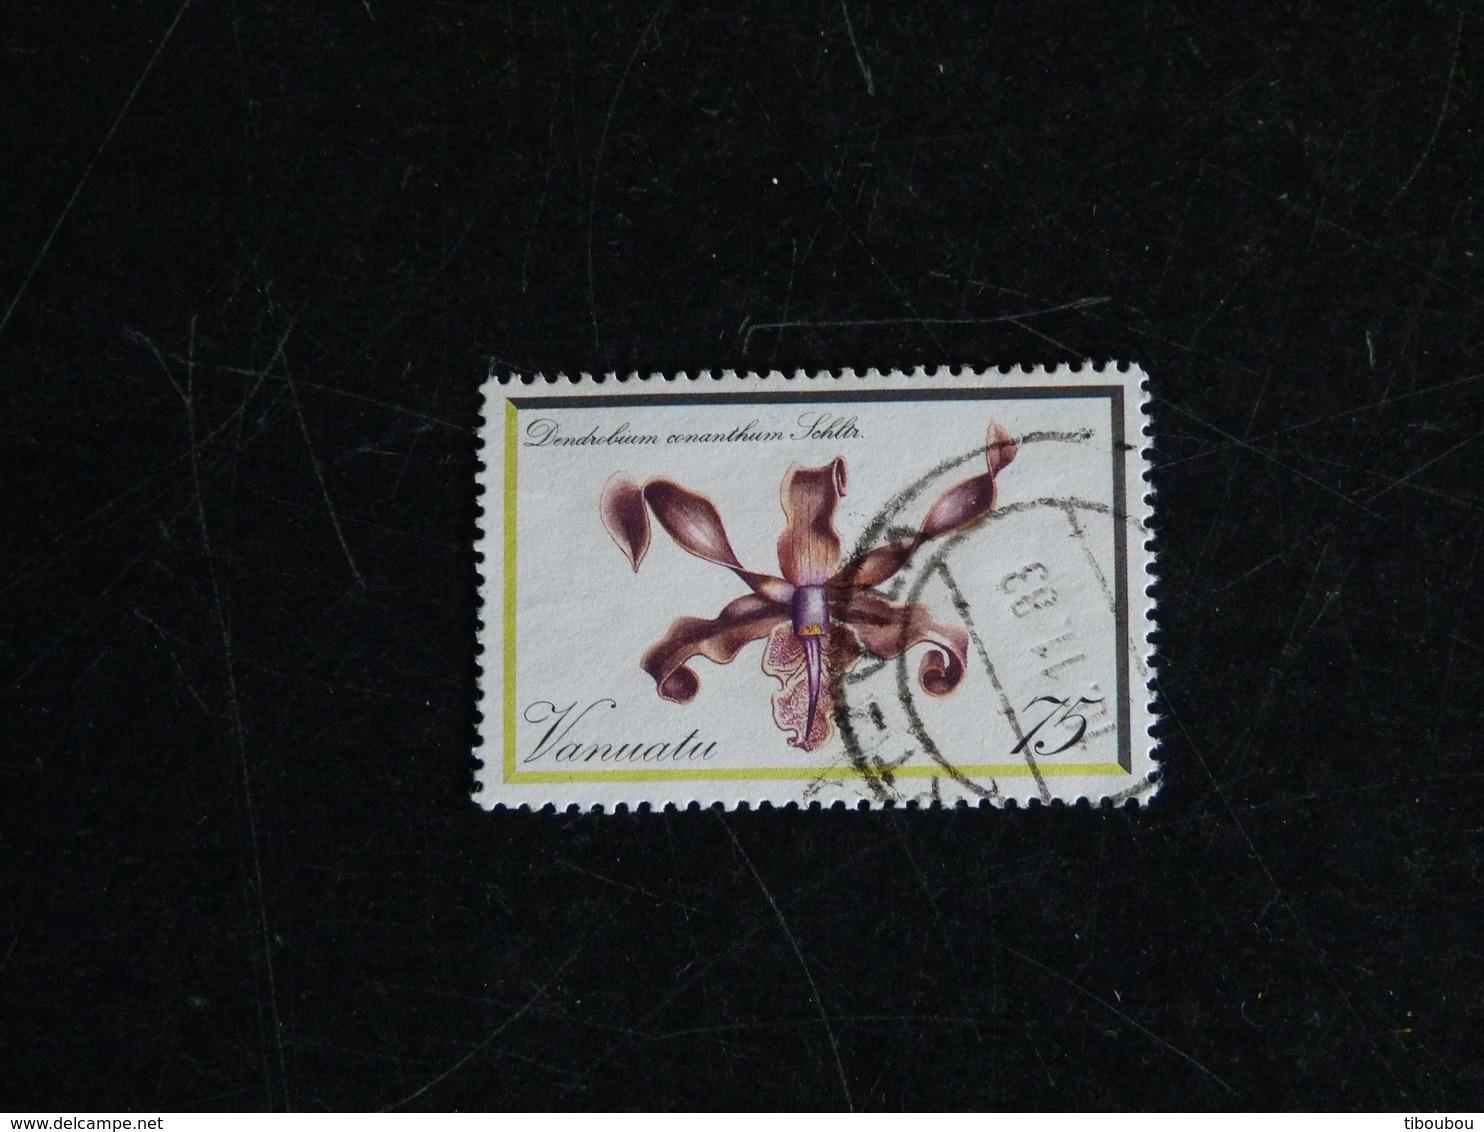 VANUATU YT 653 OBLITERE - ORCHIDEE FLEUR FLORE DENDROBIUM - Vanuatu (1980-...)